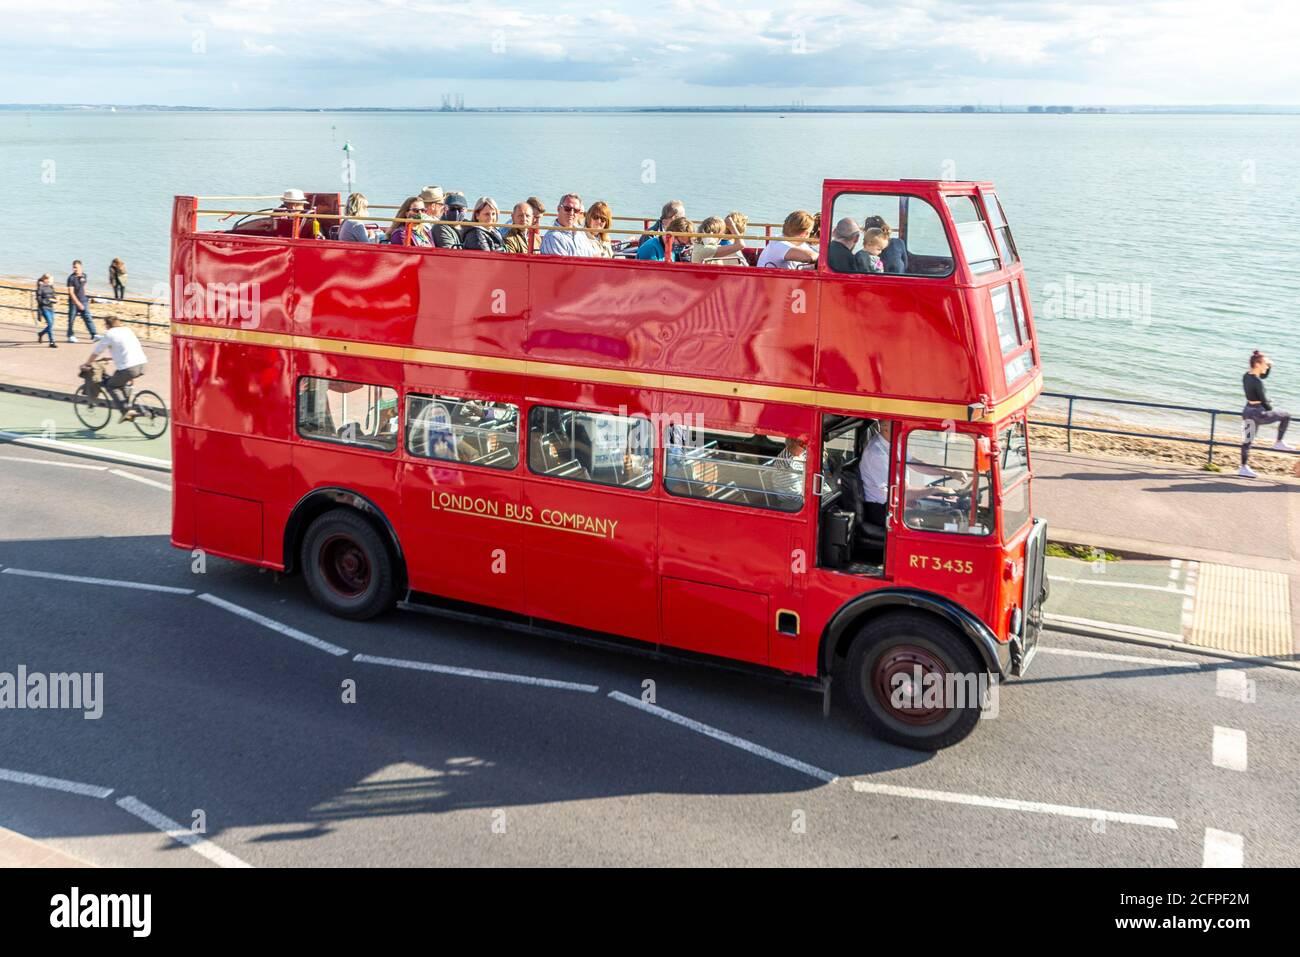 AEC Regent III bus en Ensignbus Ruta 68 servicio a lo largo del paseo marítimo en Southend on sea, Essex, Reino Unido. Evento especial de extravagancia de autobuses con techo abierto Foto de stock